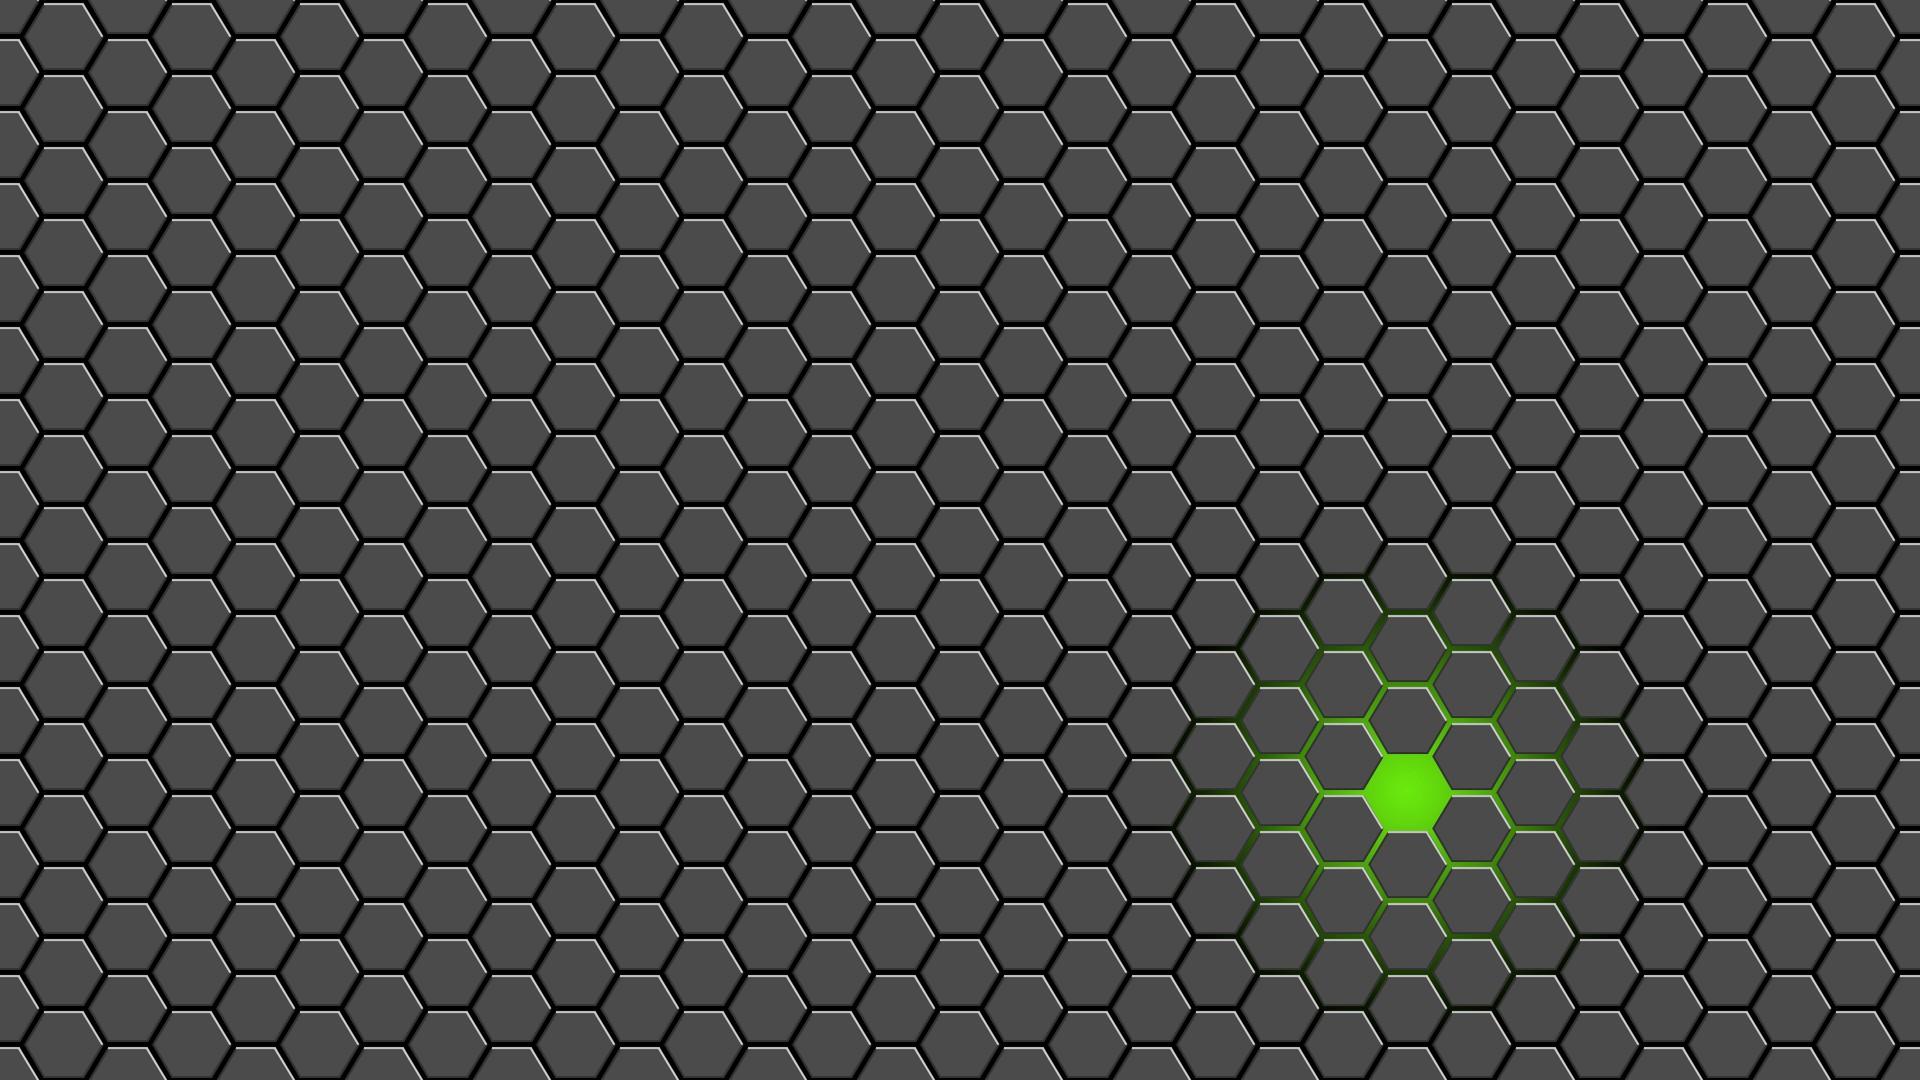 Minimalist Car Wallpaper Wallpaper 1920x1080 Px Green Hexagon Minimalism